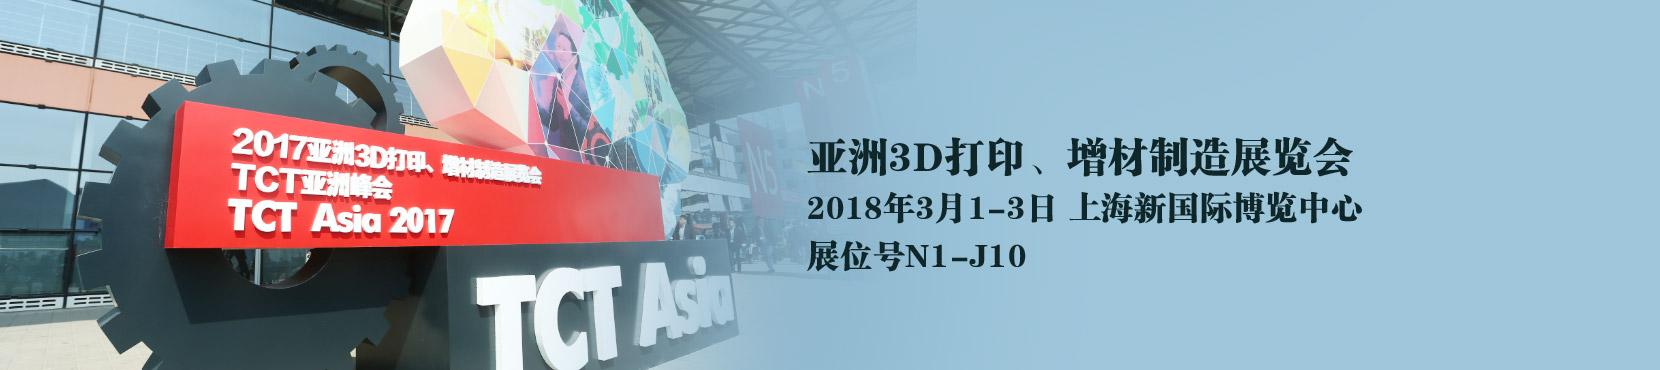 亚洲3D打印、增材制造展览会